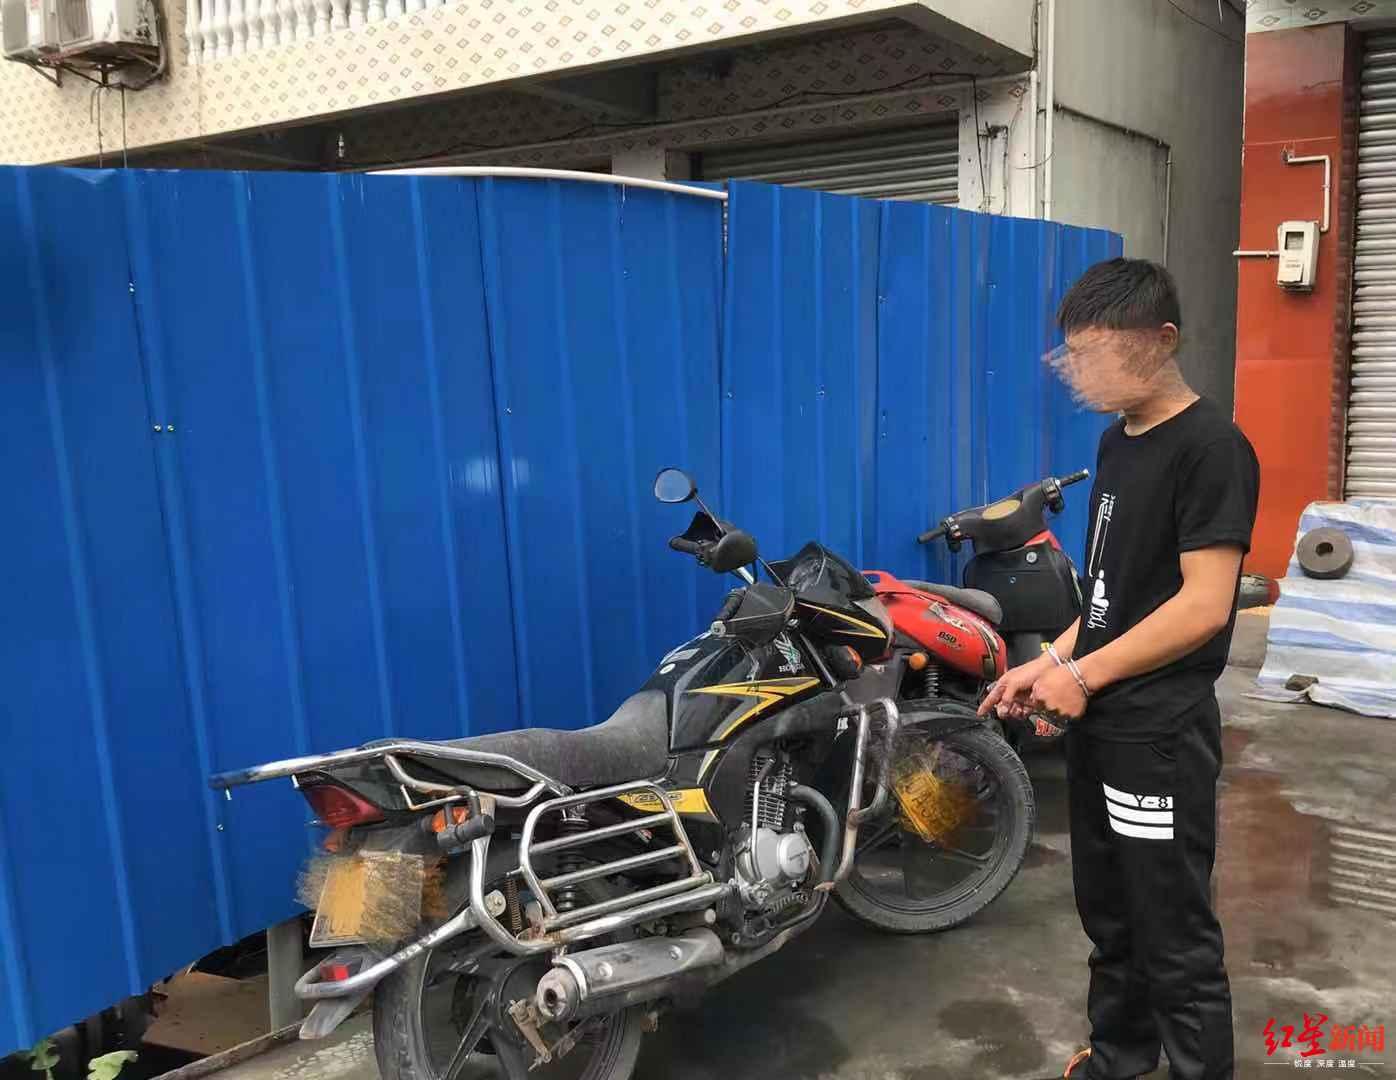 两男子连偷7辆摩托车价值近2万当废品卖了900元……